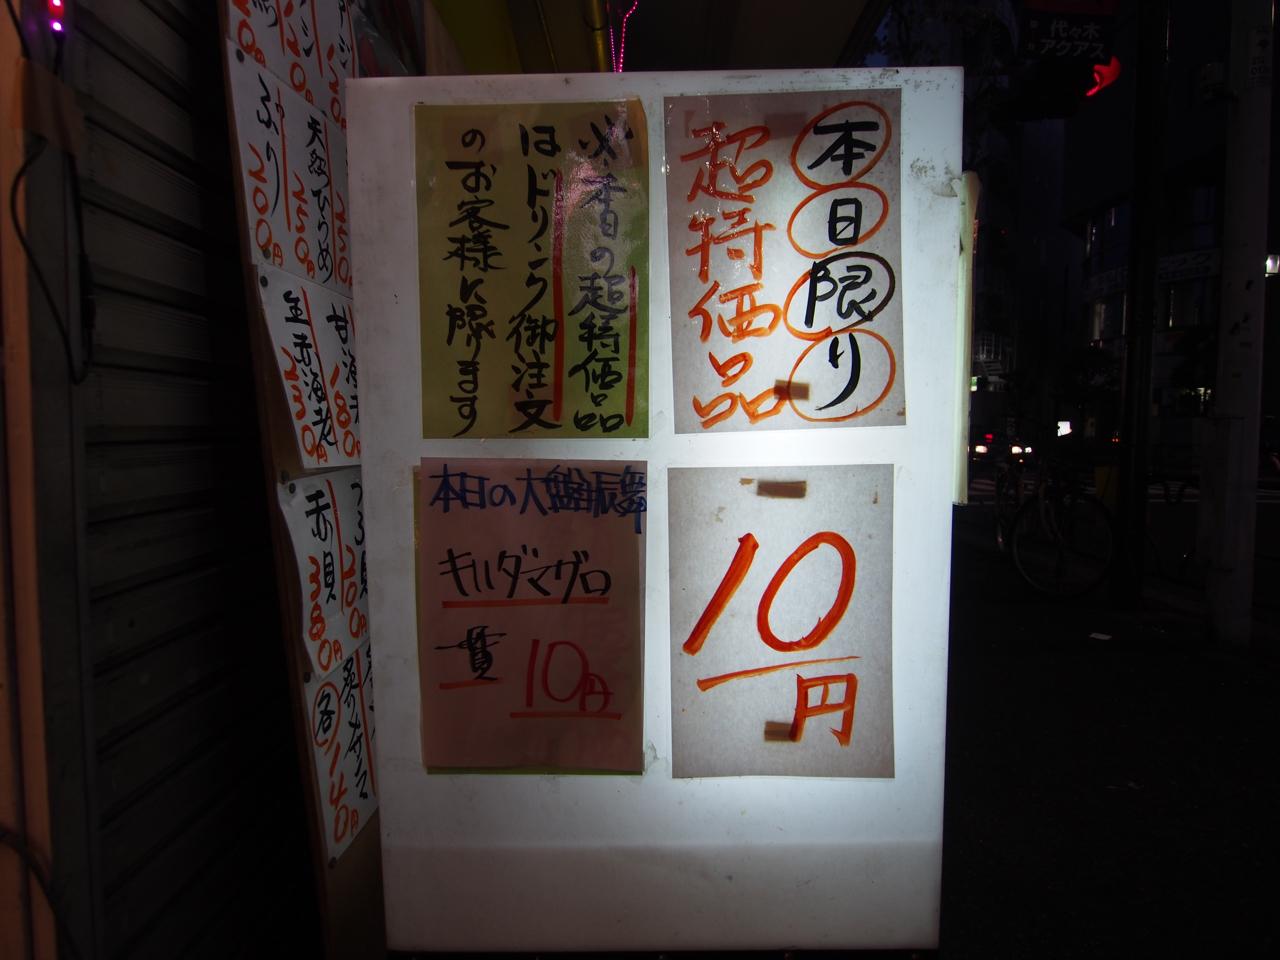 じゅ、10円・・・?